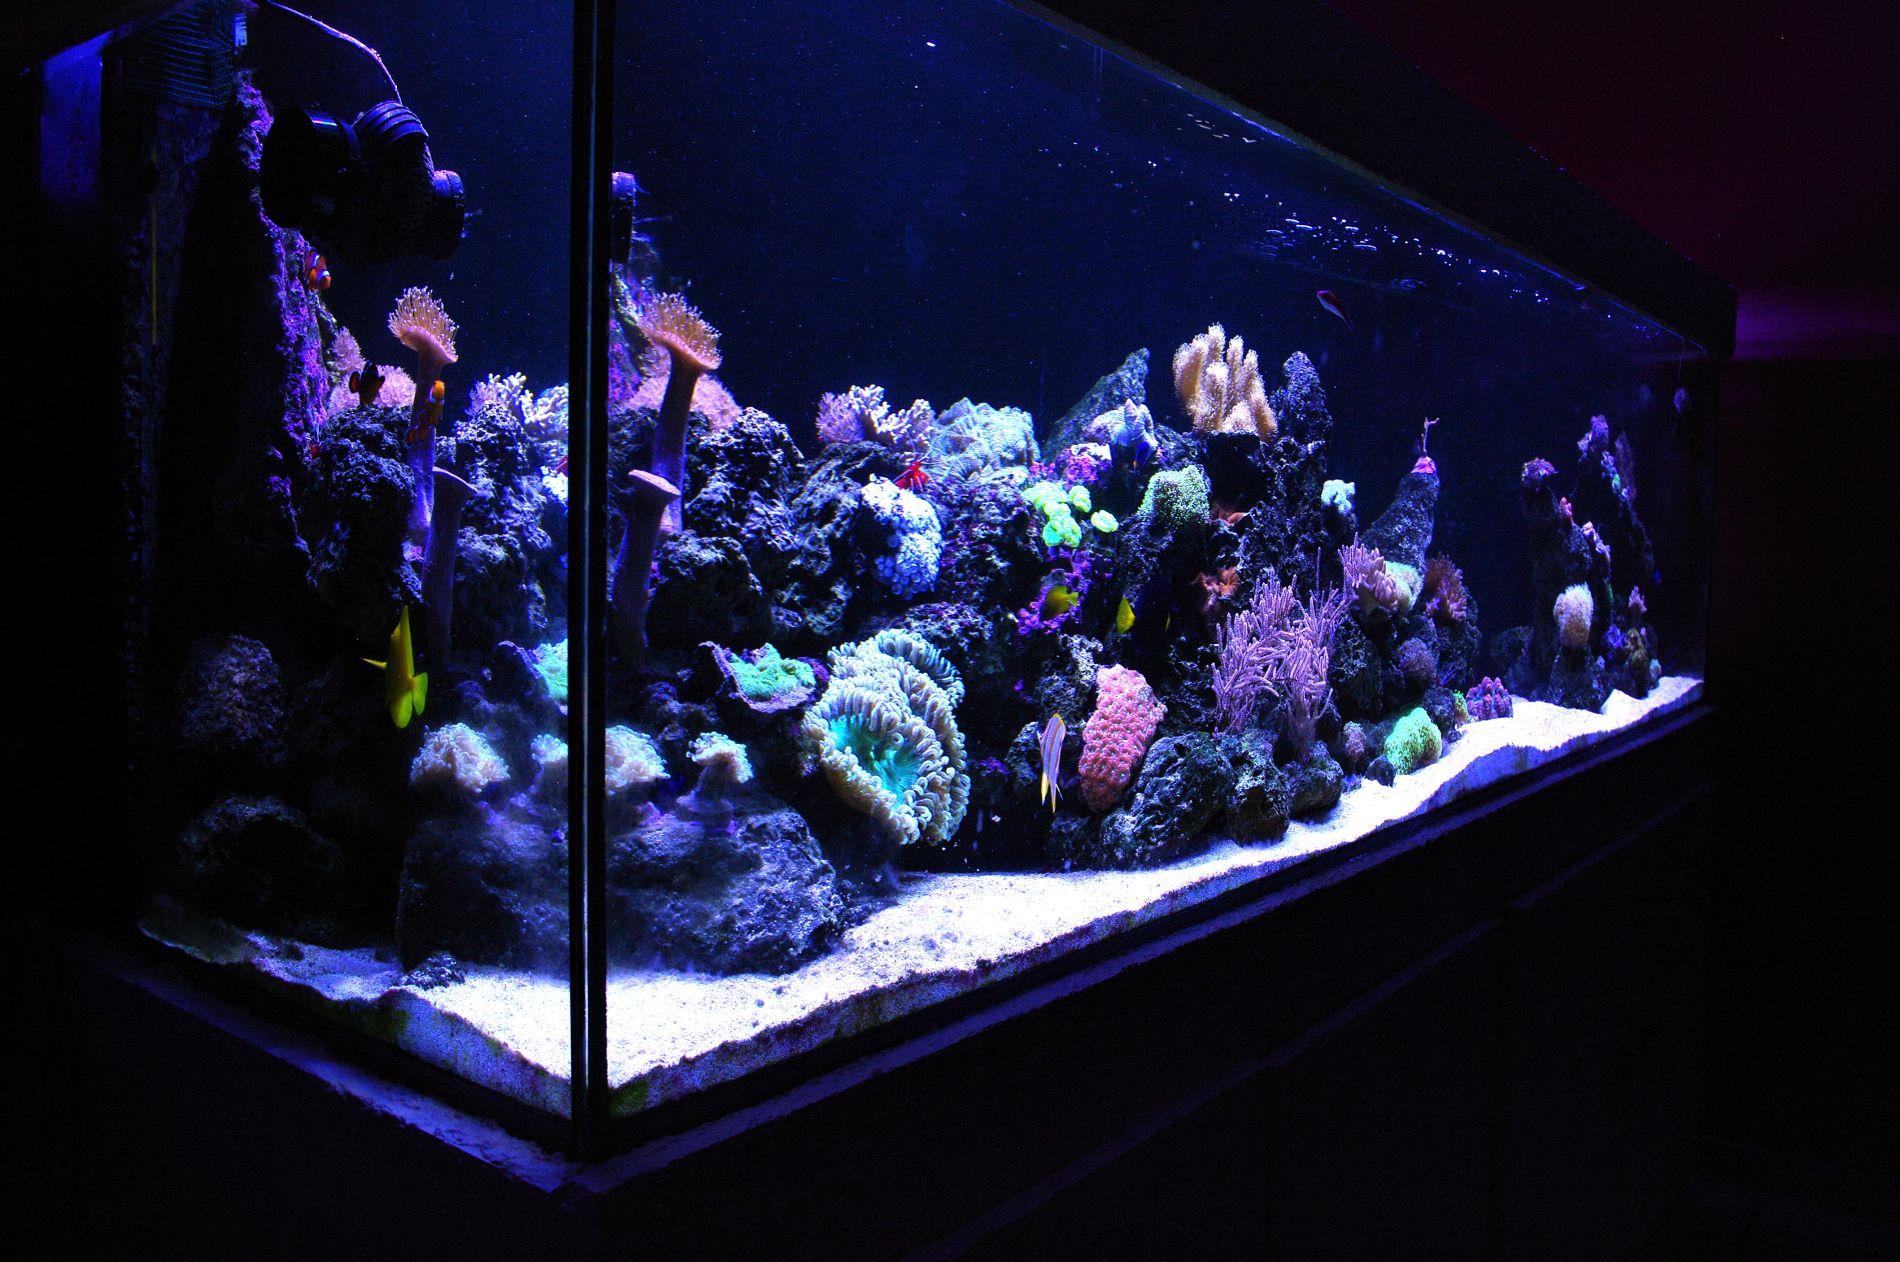 f1fb0d648bbe2c0fa369ce364e3a8ca3 Frais De Aquarium Avec Meuble Schème